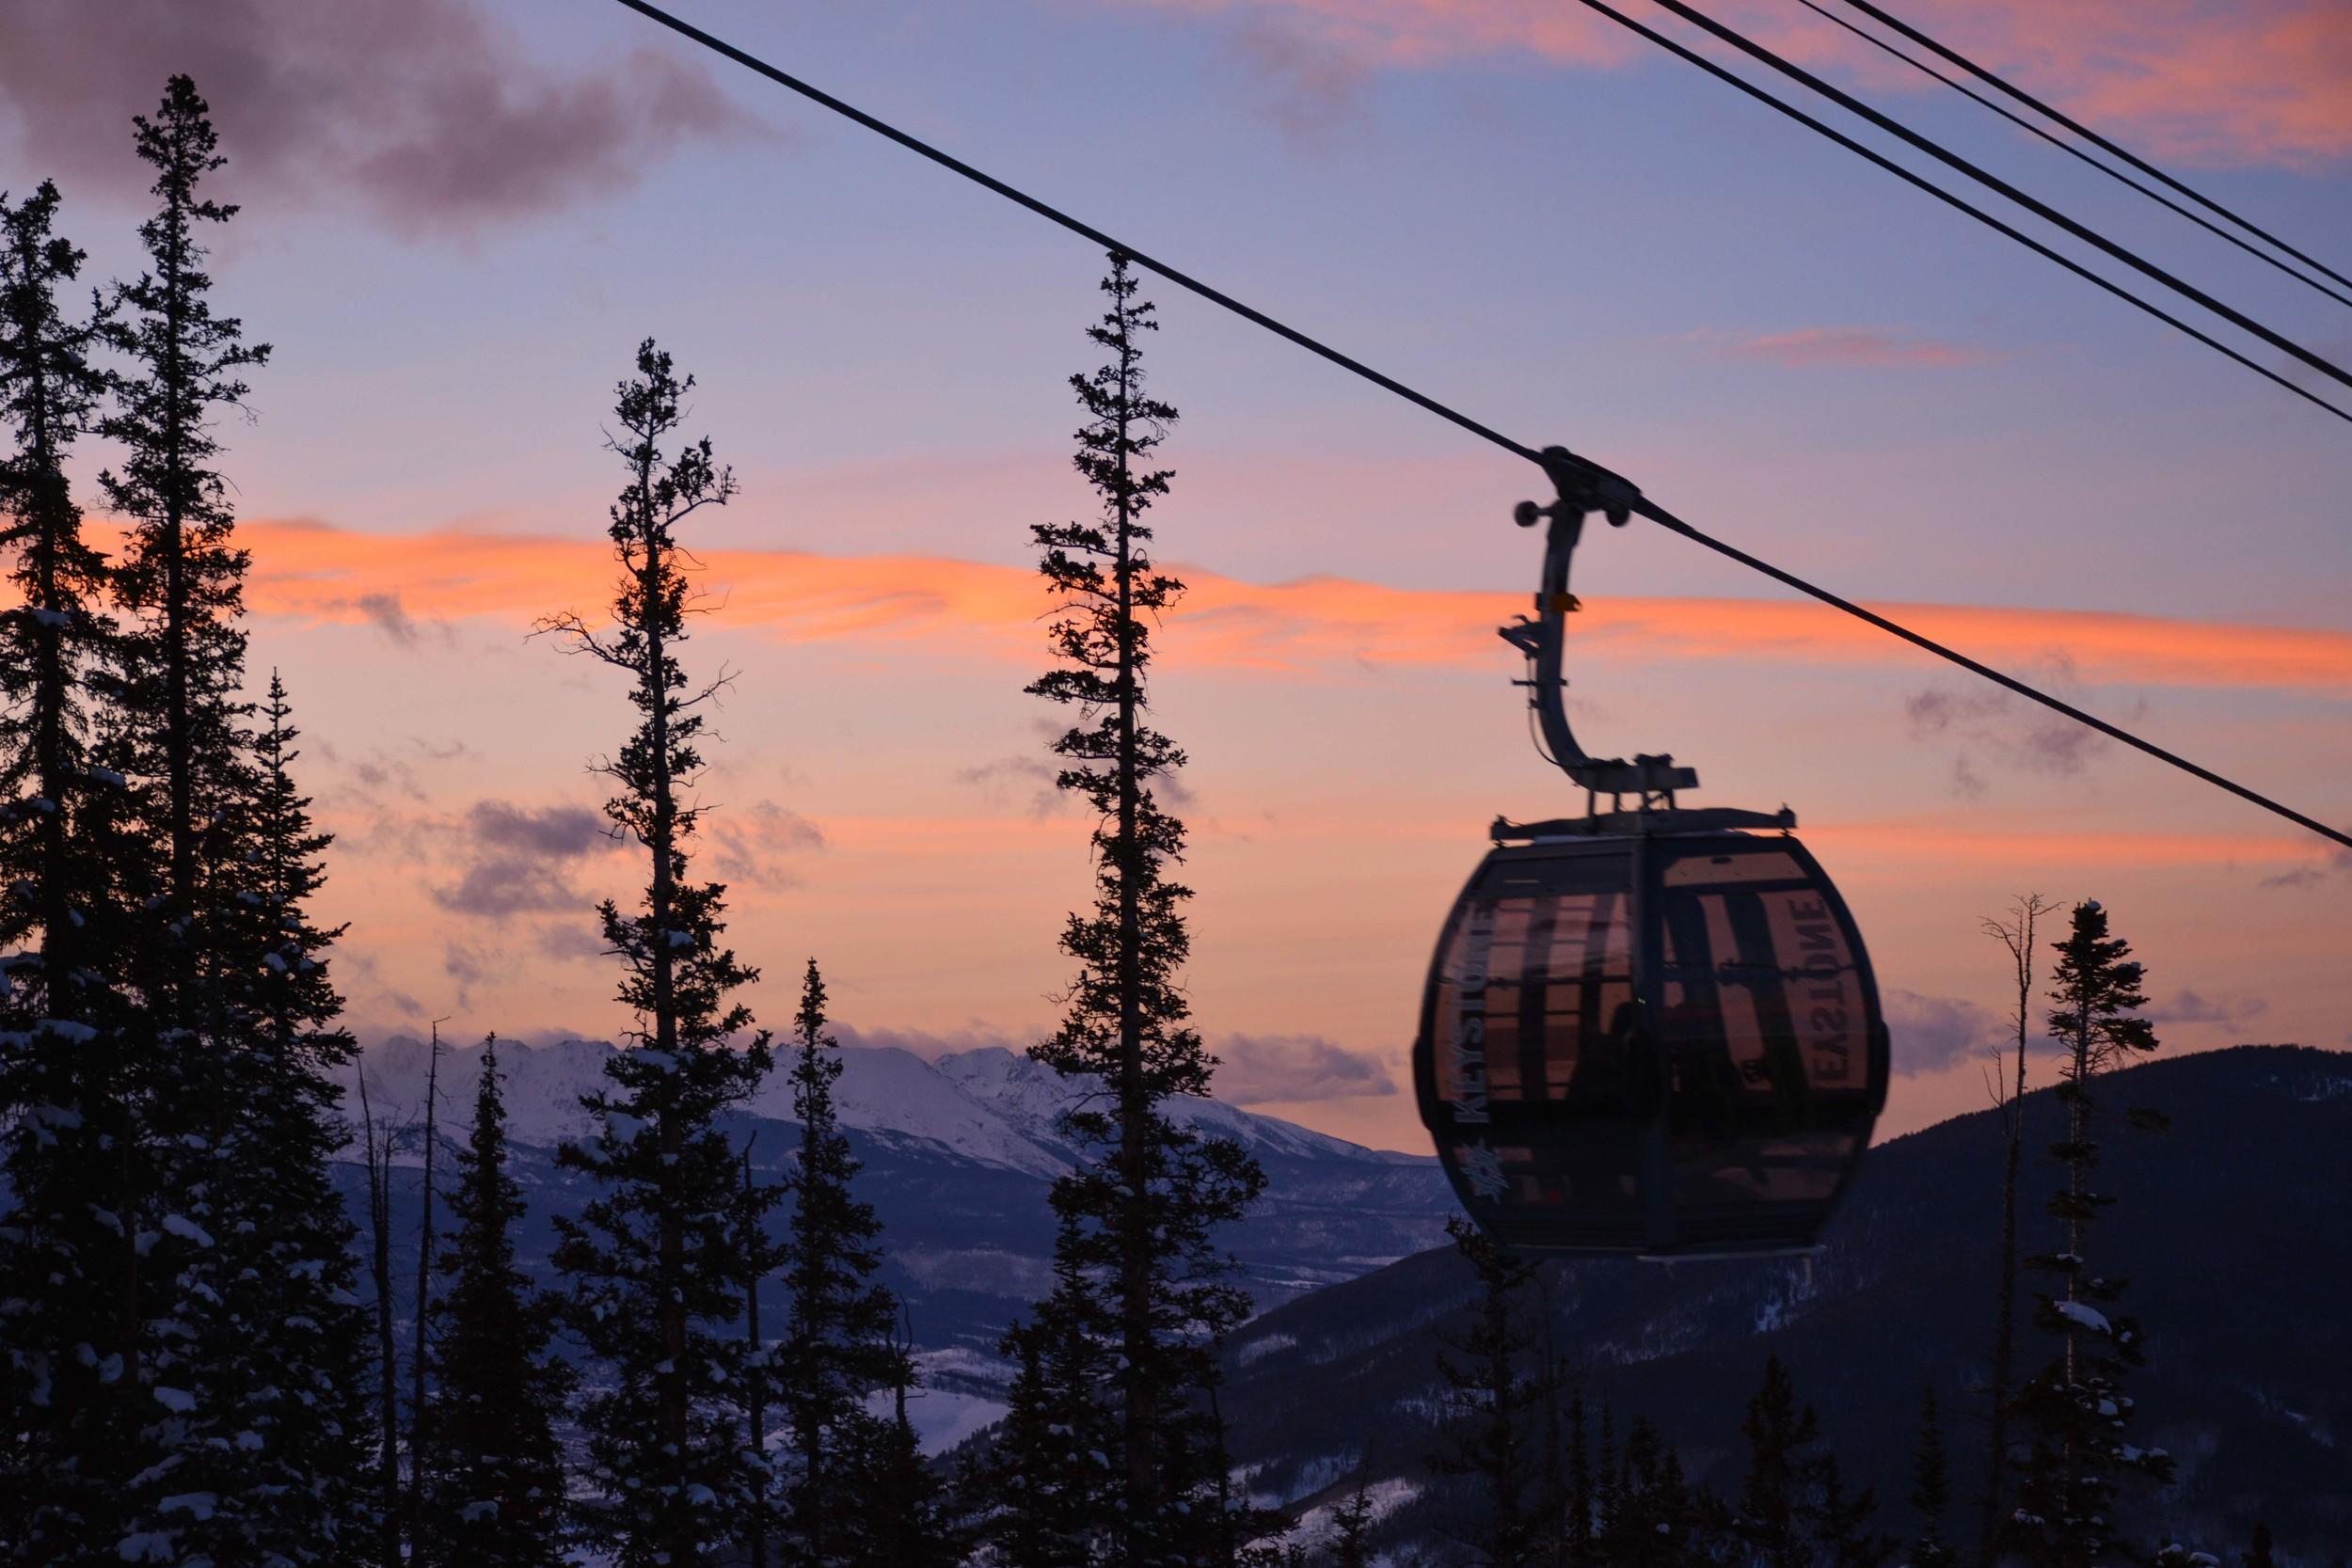 Evening Skiing at Keystone